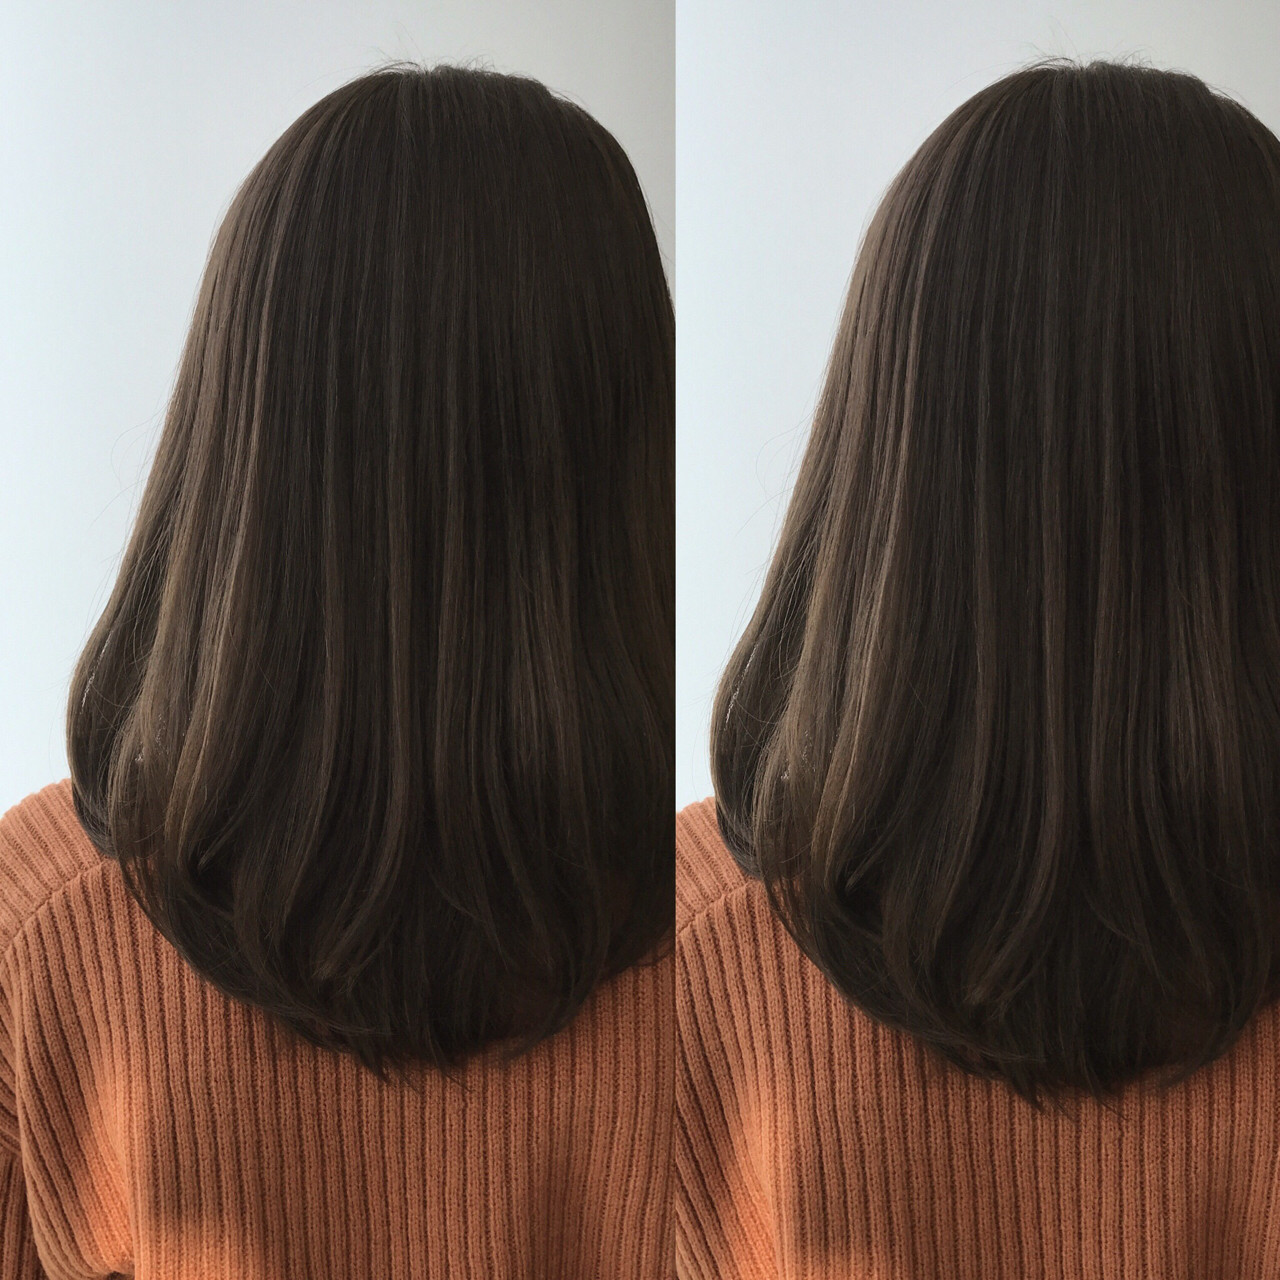 アッシュ オフィス グレージュ ロング ヘアスタイルや髪型の写真・画像